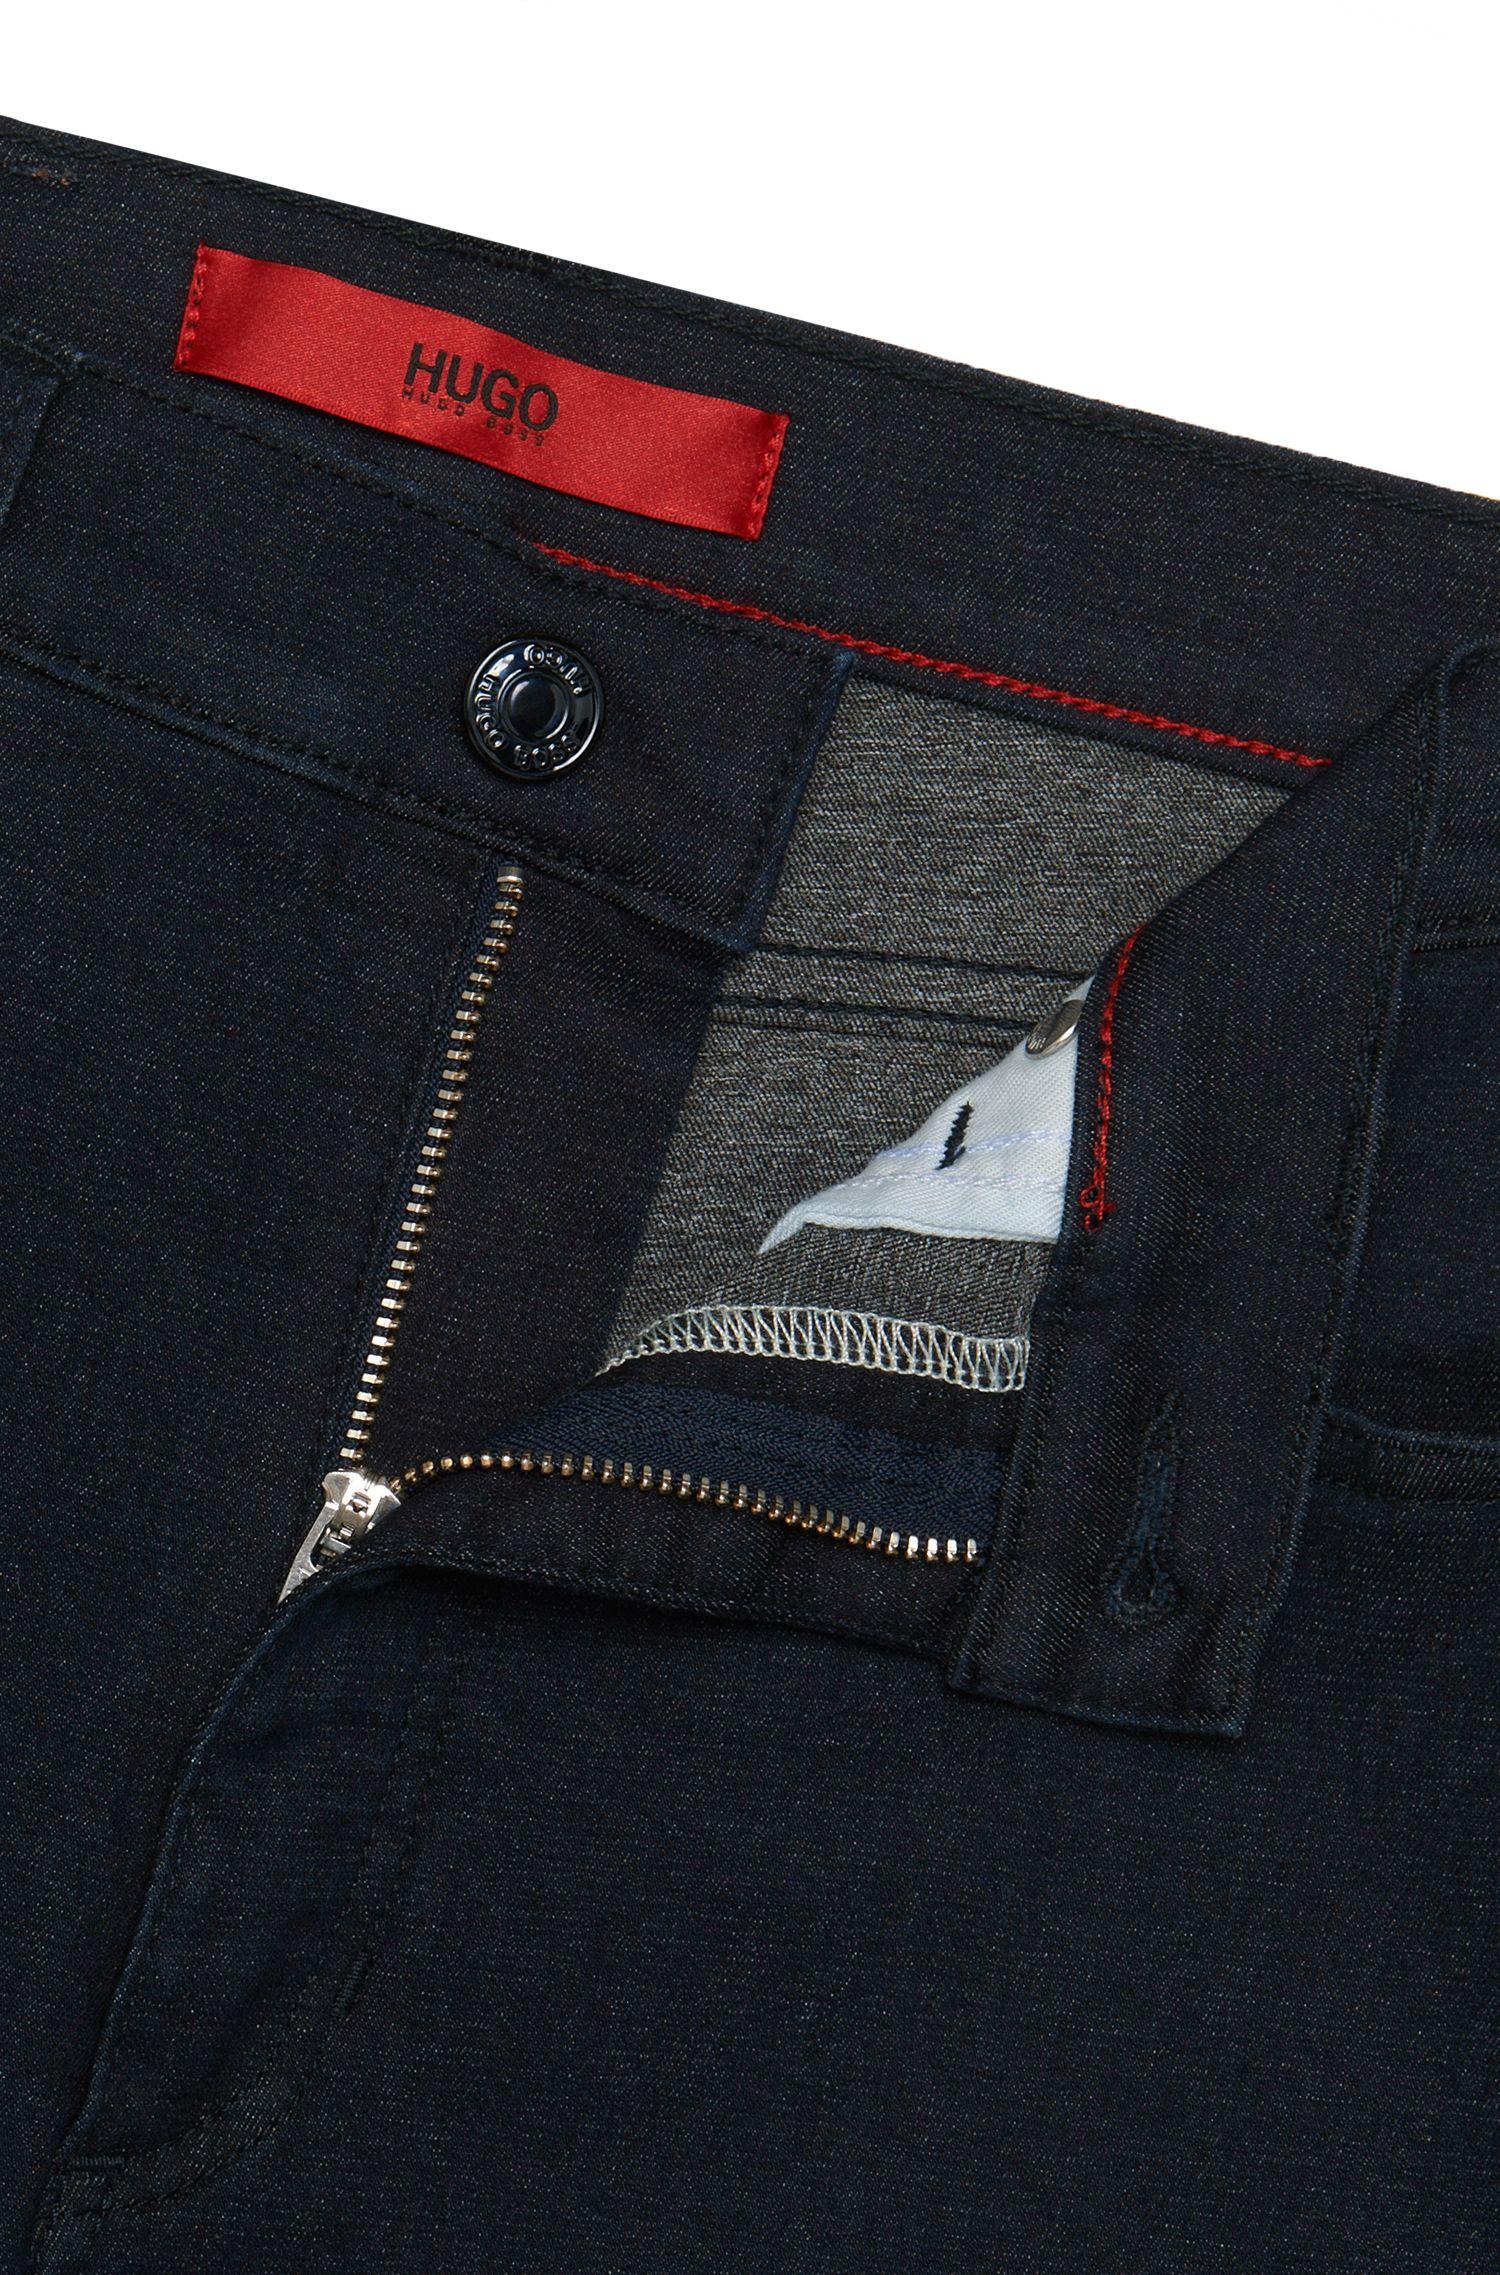 Jeans en coton mélangé à taille haute, de longueur raccourcie: «Gerna Highwaist Skinny Leg»